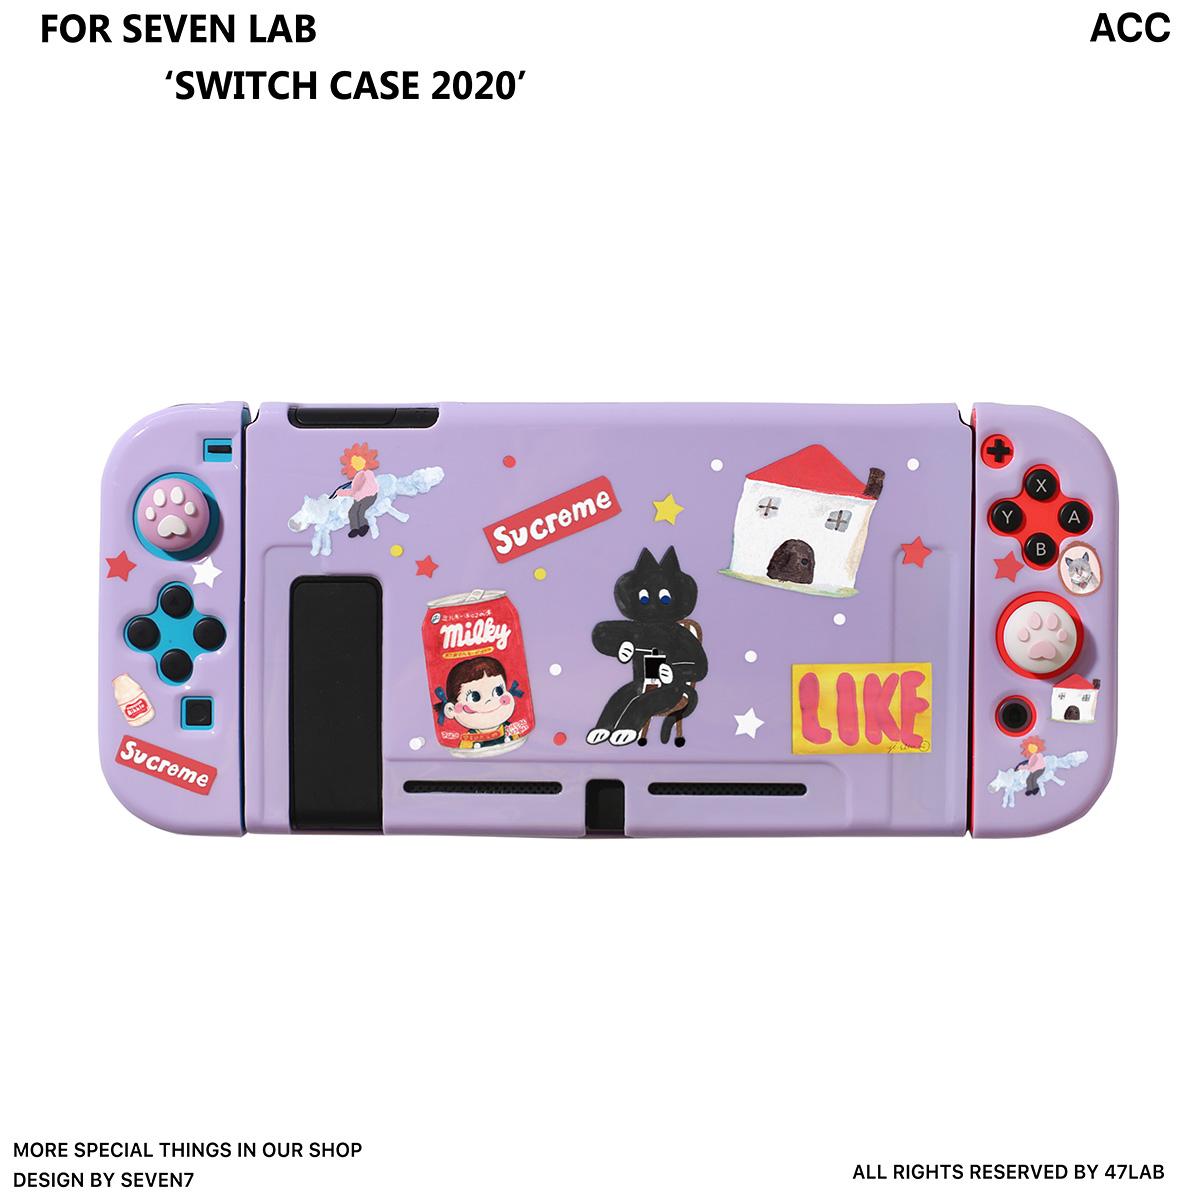 닌텐도 스위치 닌텐도 스위치 분할 보호 쉘 쉘 액세서리 매트 NS 실리콘 소프트-20799, 단일옵션, 옵션03